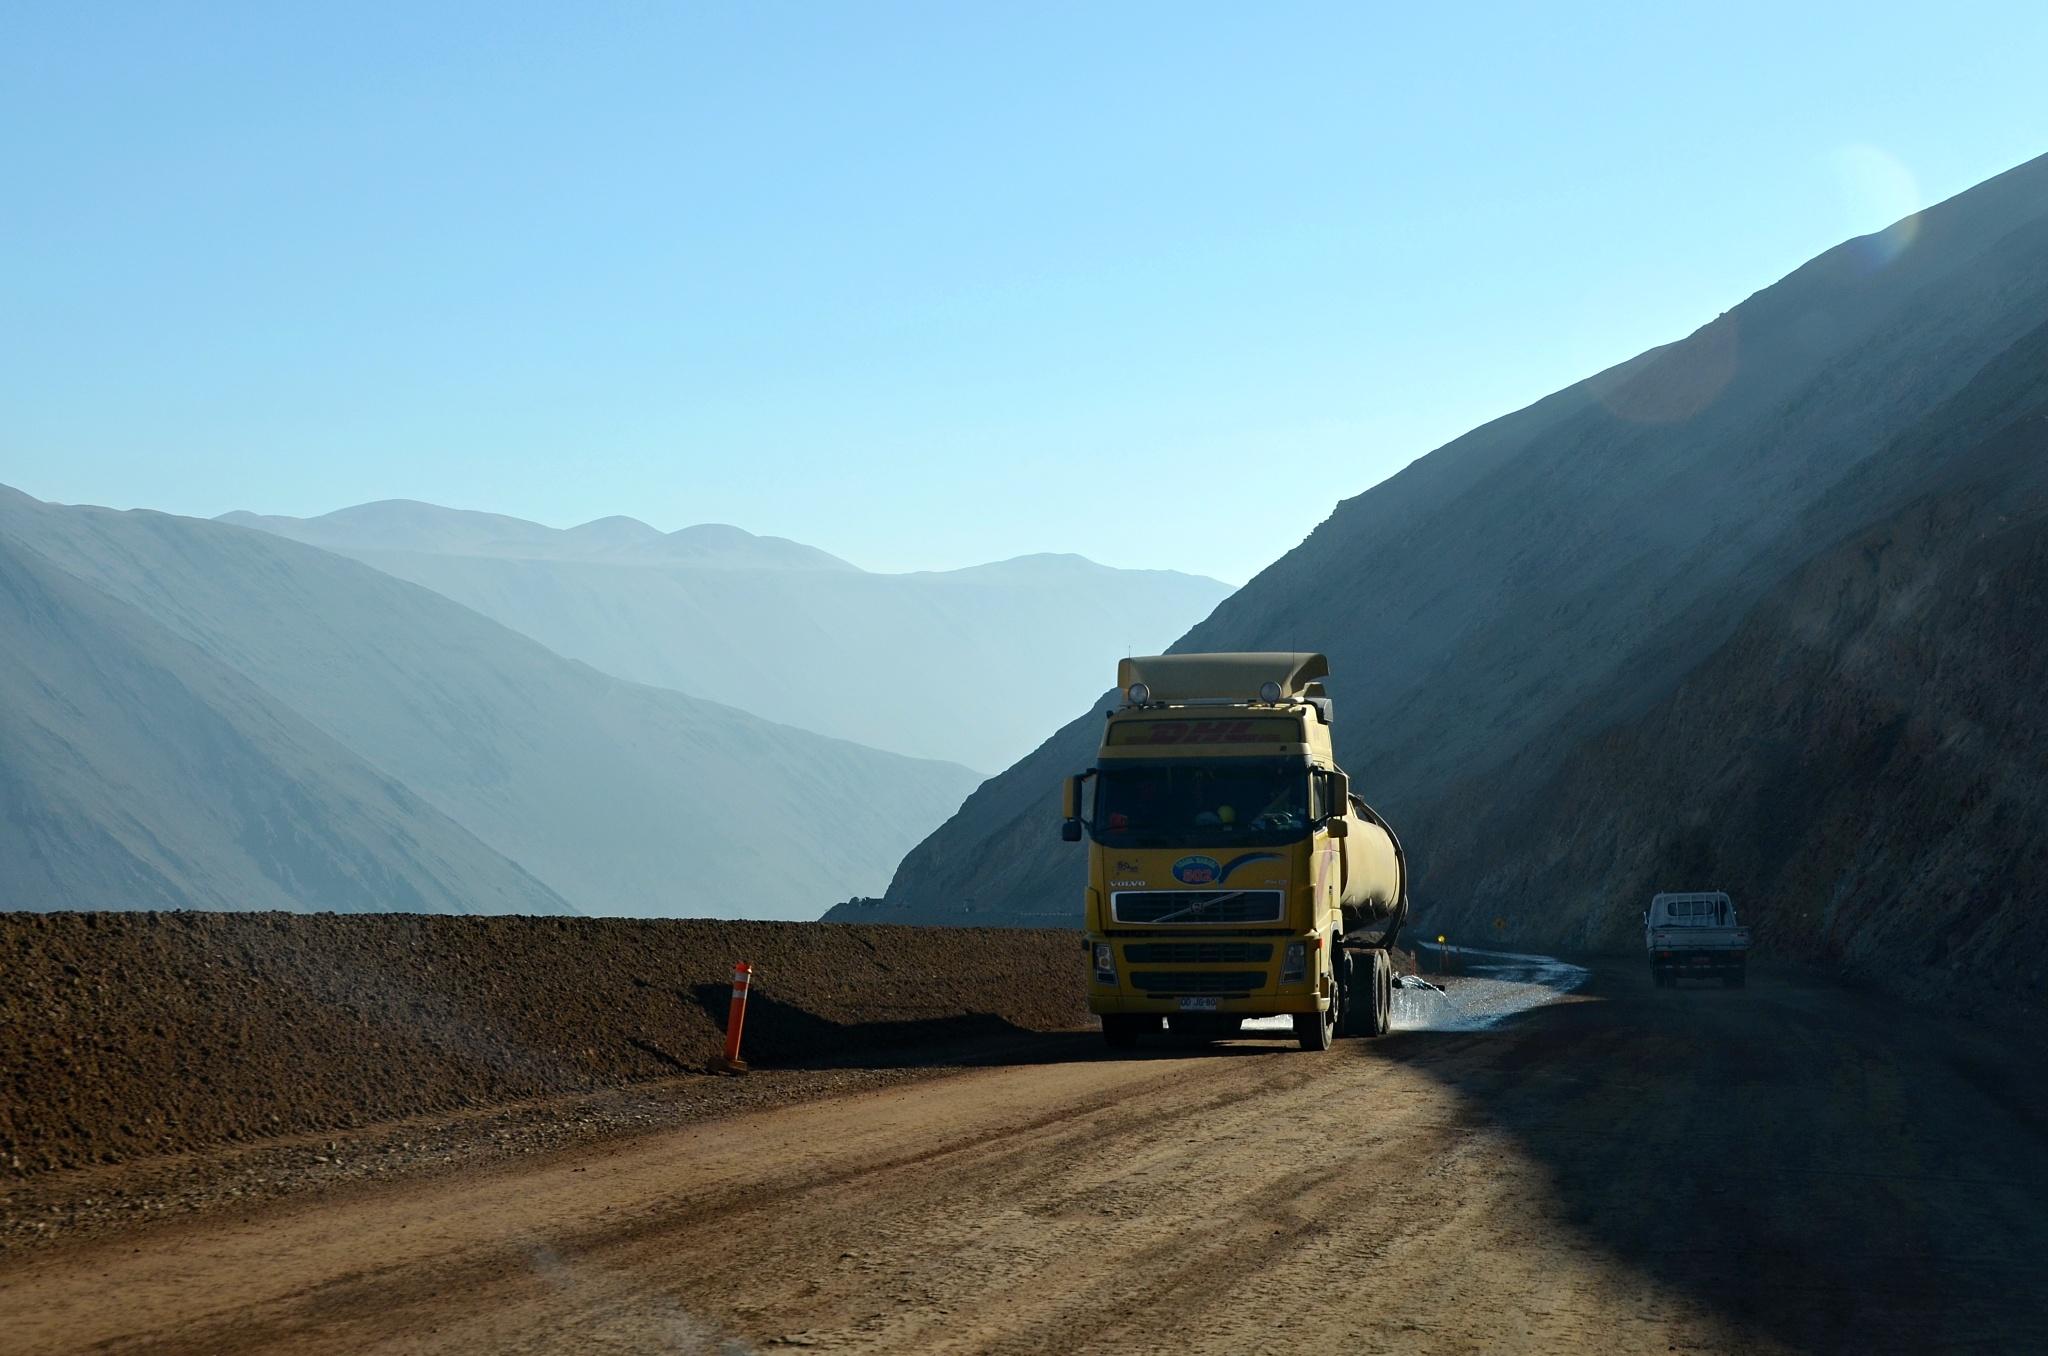 Rekonstrukce silnice v Chile